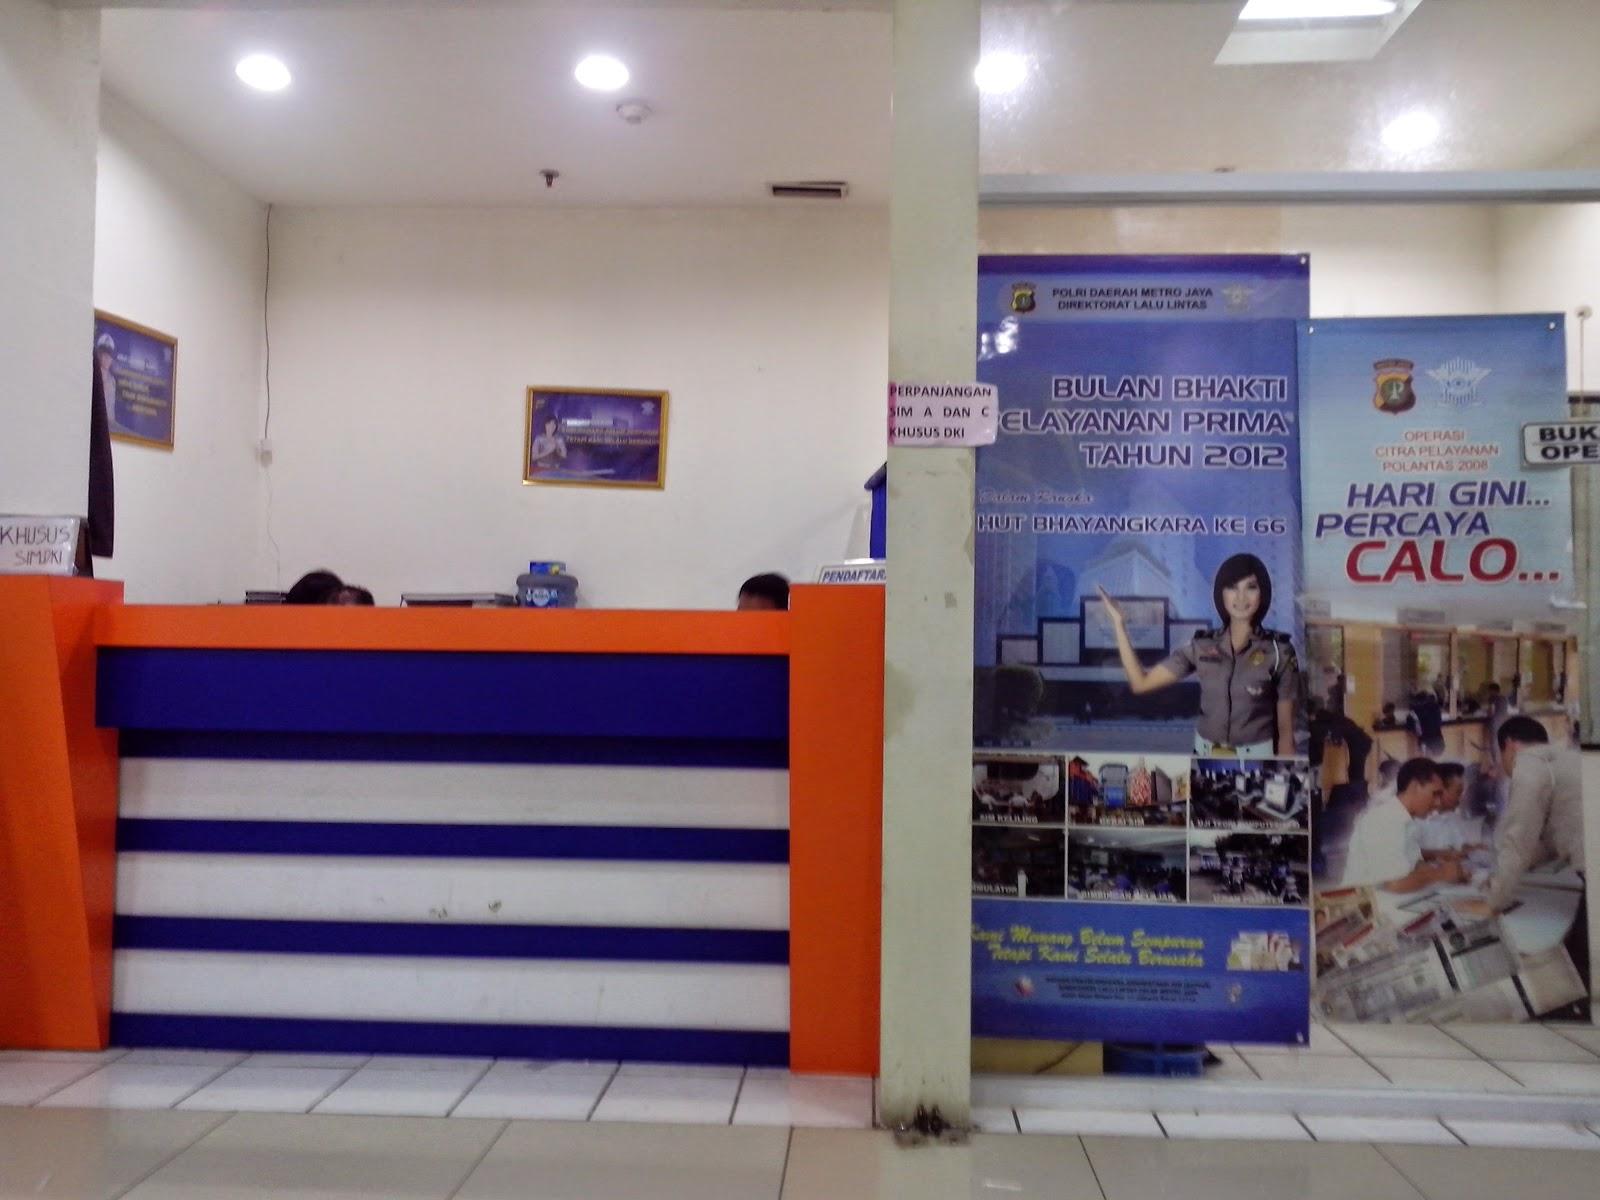 Perpanjangan SIM dan Pembayaran STNK Jakarta Timur